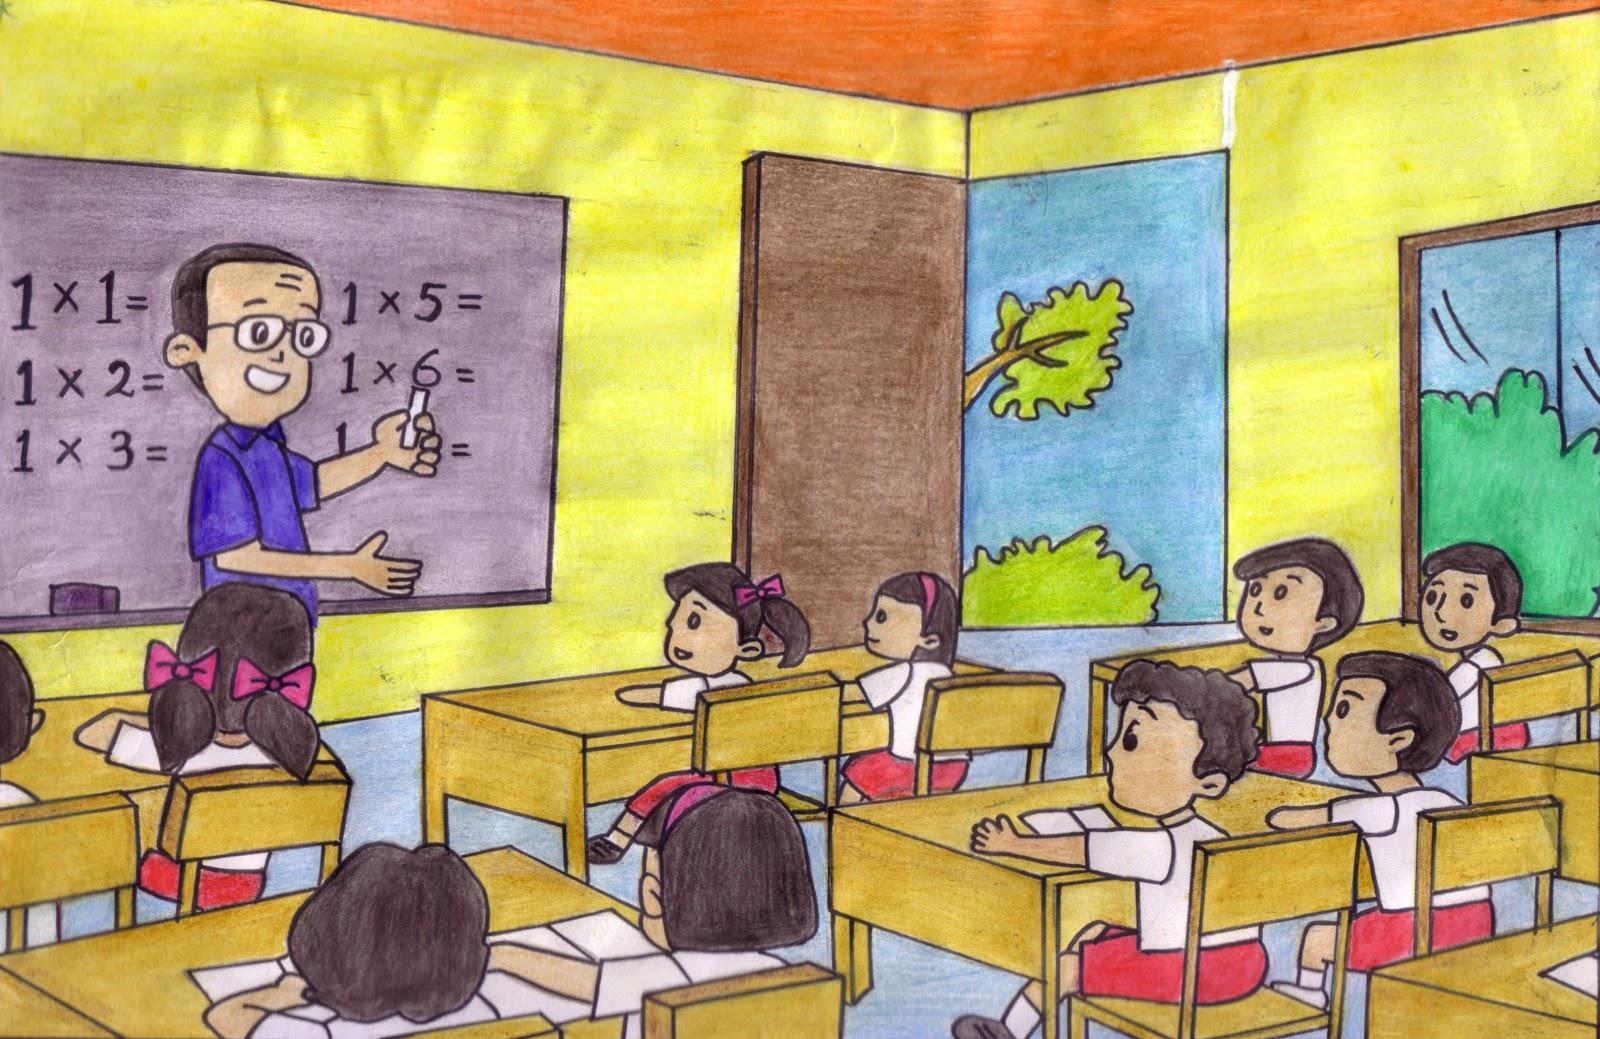 Gambar Kartun Lucu Keren Gambar Kartun Lagi Belajar Di Sekolah